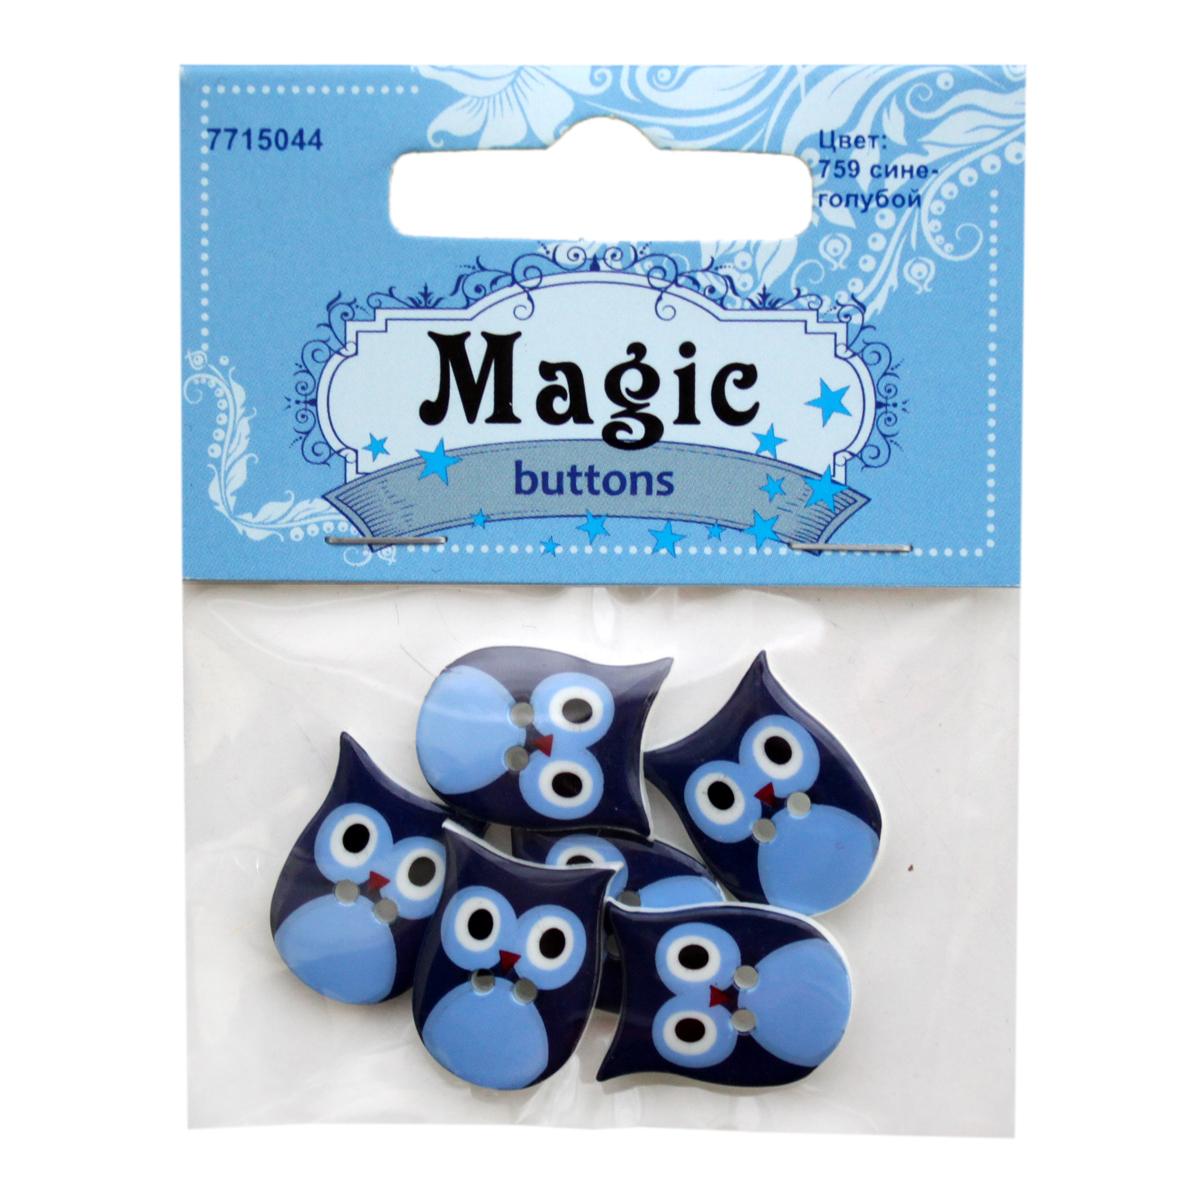 Пуговицы декоративные Magic Buttons Сова, цвет: синий, голубой, 6 шт7715044_759 сине-голубойЯркие пуговицы бренда Magic Buttons восхищают разнообразием стилей и цветов. Они станут отличным дополнением в качестве завершающего штриха на одежде, кроме того их можно использовать в скрапбуинге, создавать с помощью них интересные открытки, подарочные конверты и многое, многое другое.